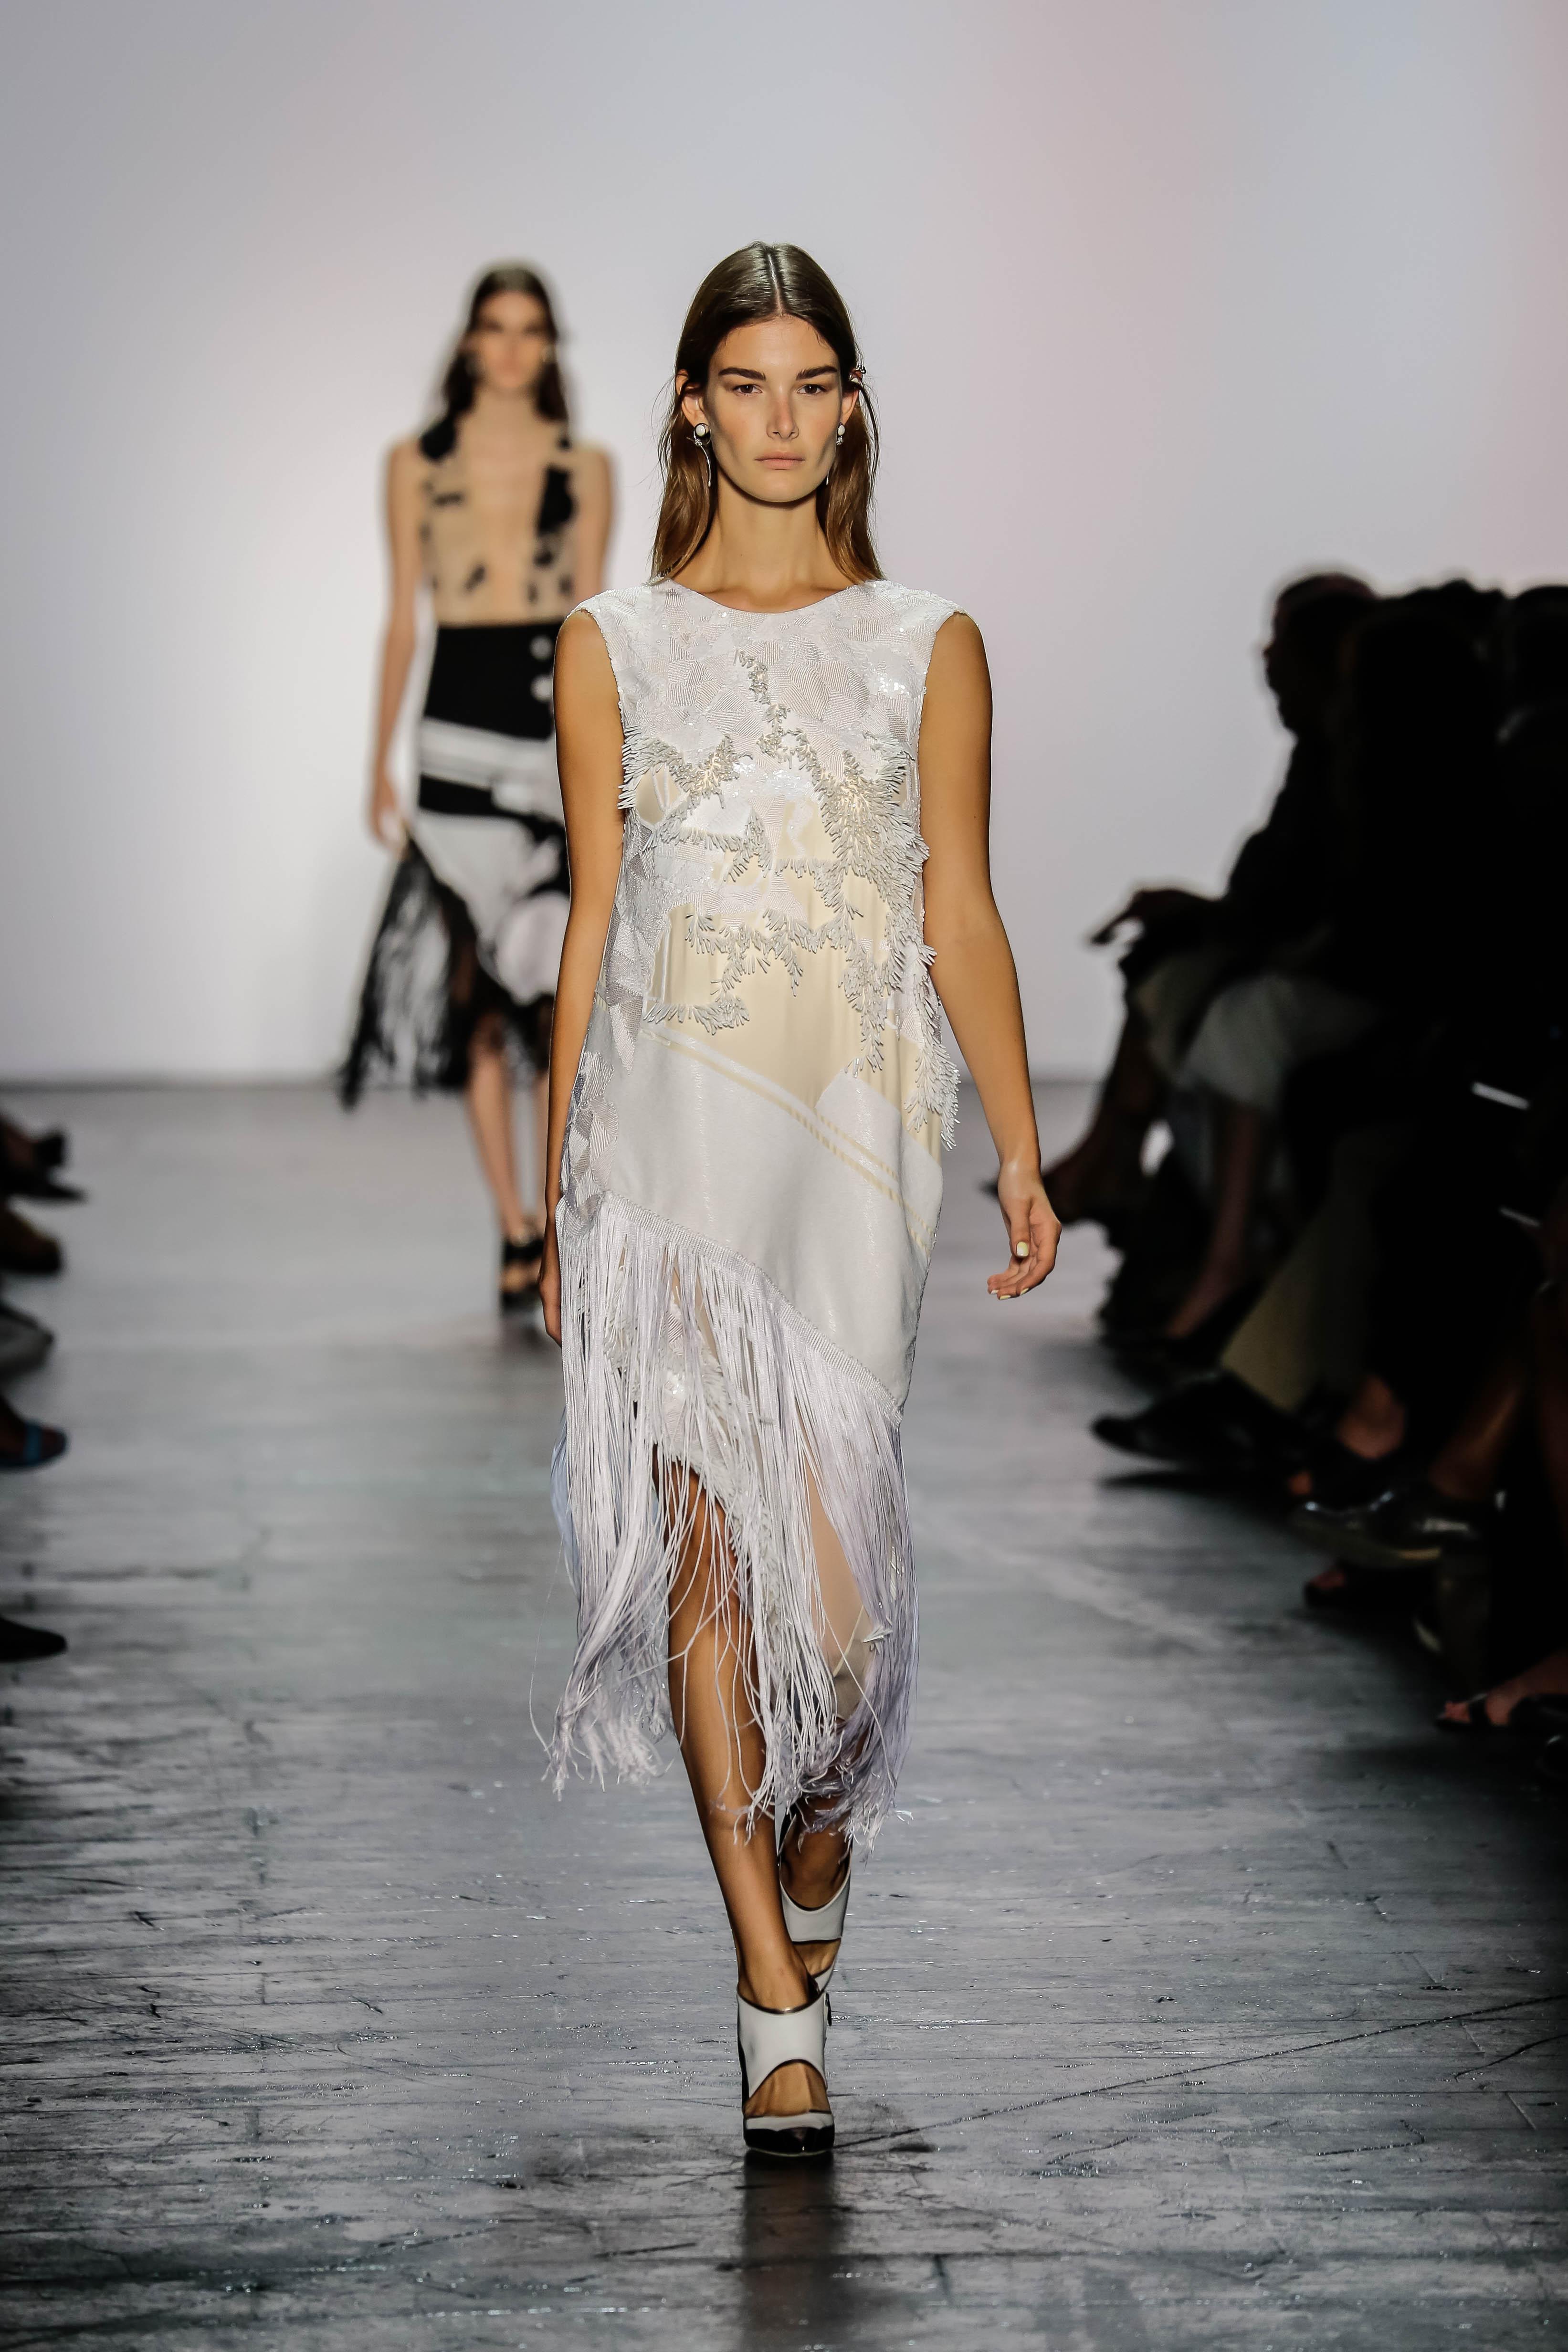 Επιλέγοντας το λευκό φόρεμα που κολακεύει τη σιλουέτα σας και ταιριάζει στο  στιλ σας 6e53cc5774c